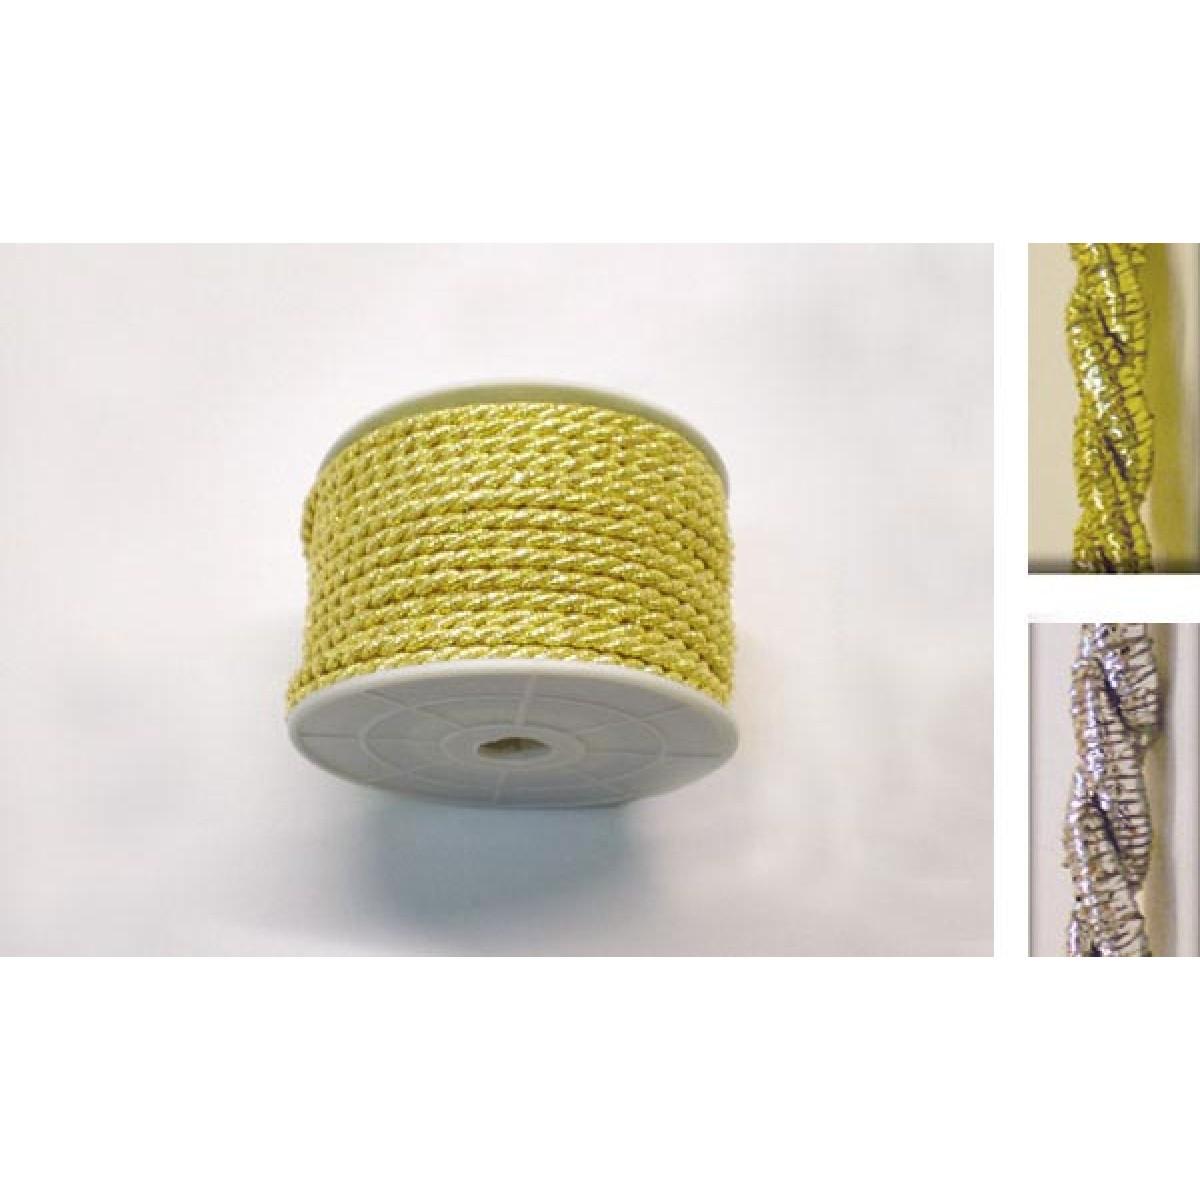 Κορδόνι Μικρό Χρυσό-Ασημί 3mm Υλικά Χειροτεχνίας